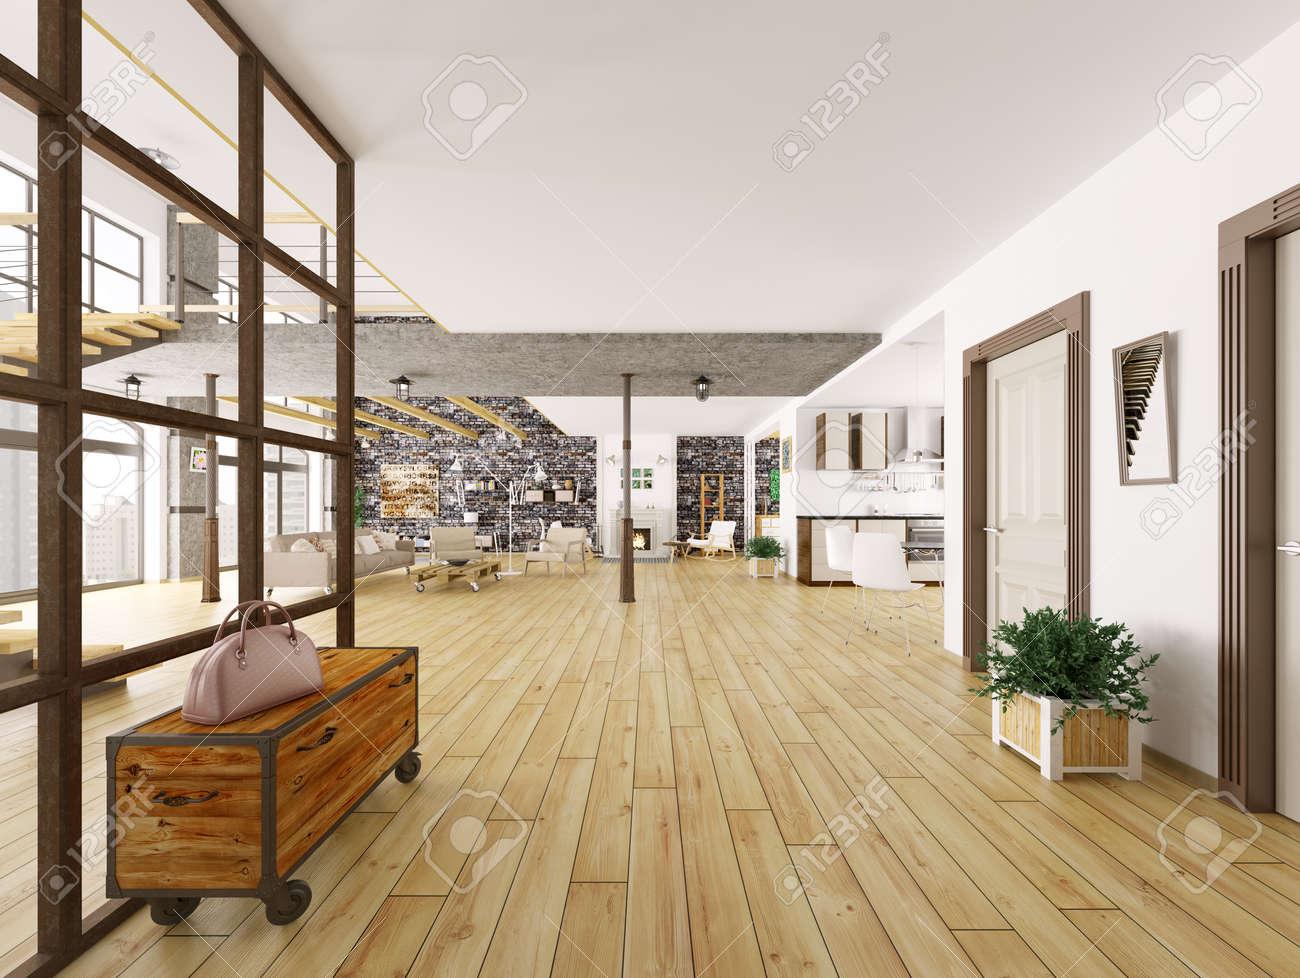 Loft Interieur, Wohnzimmer, Küche, Flur 3D-Rendering Lizenzfreie ...